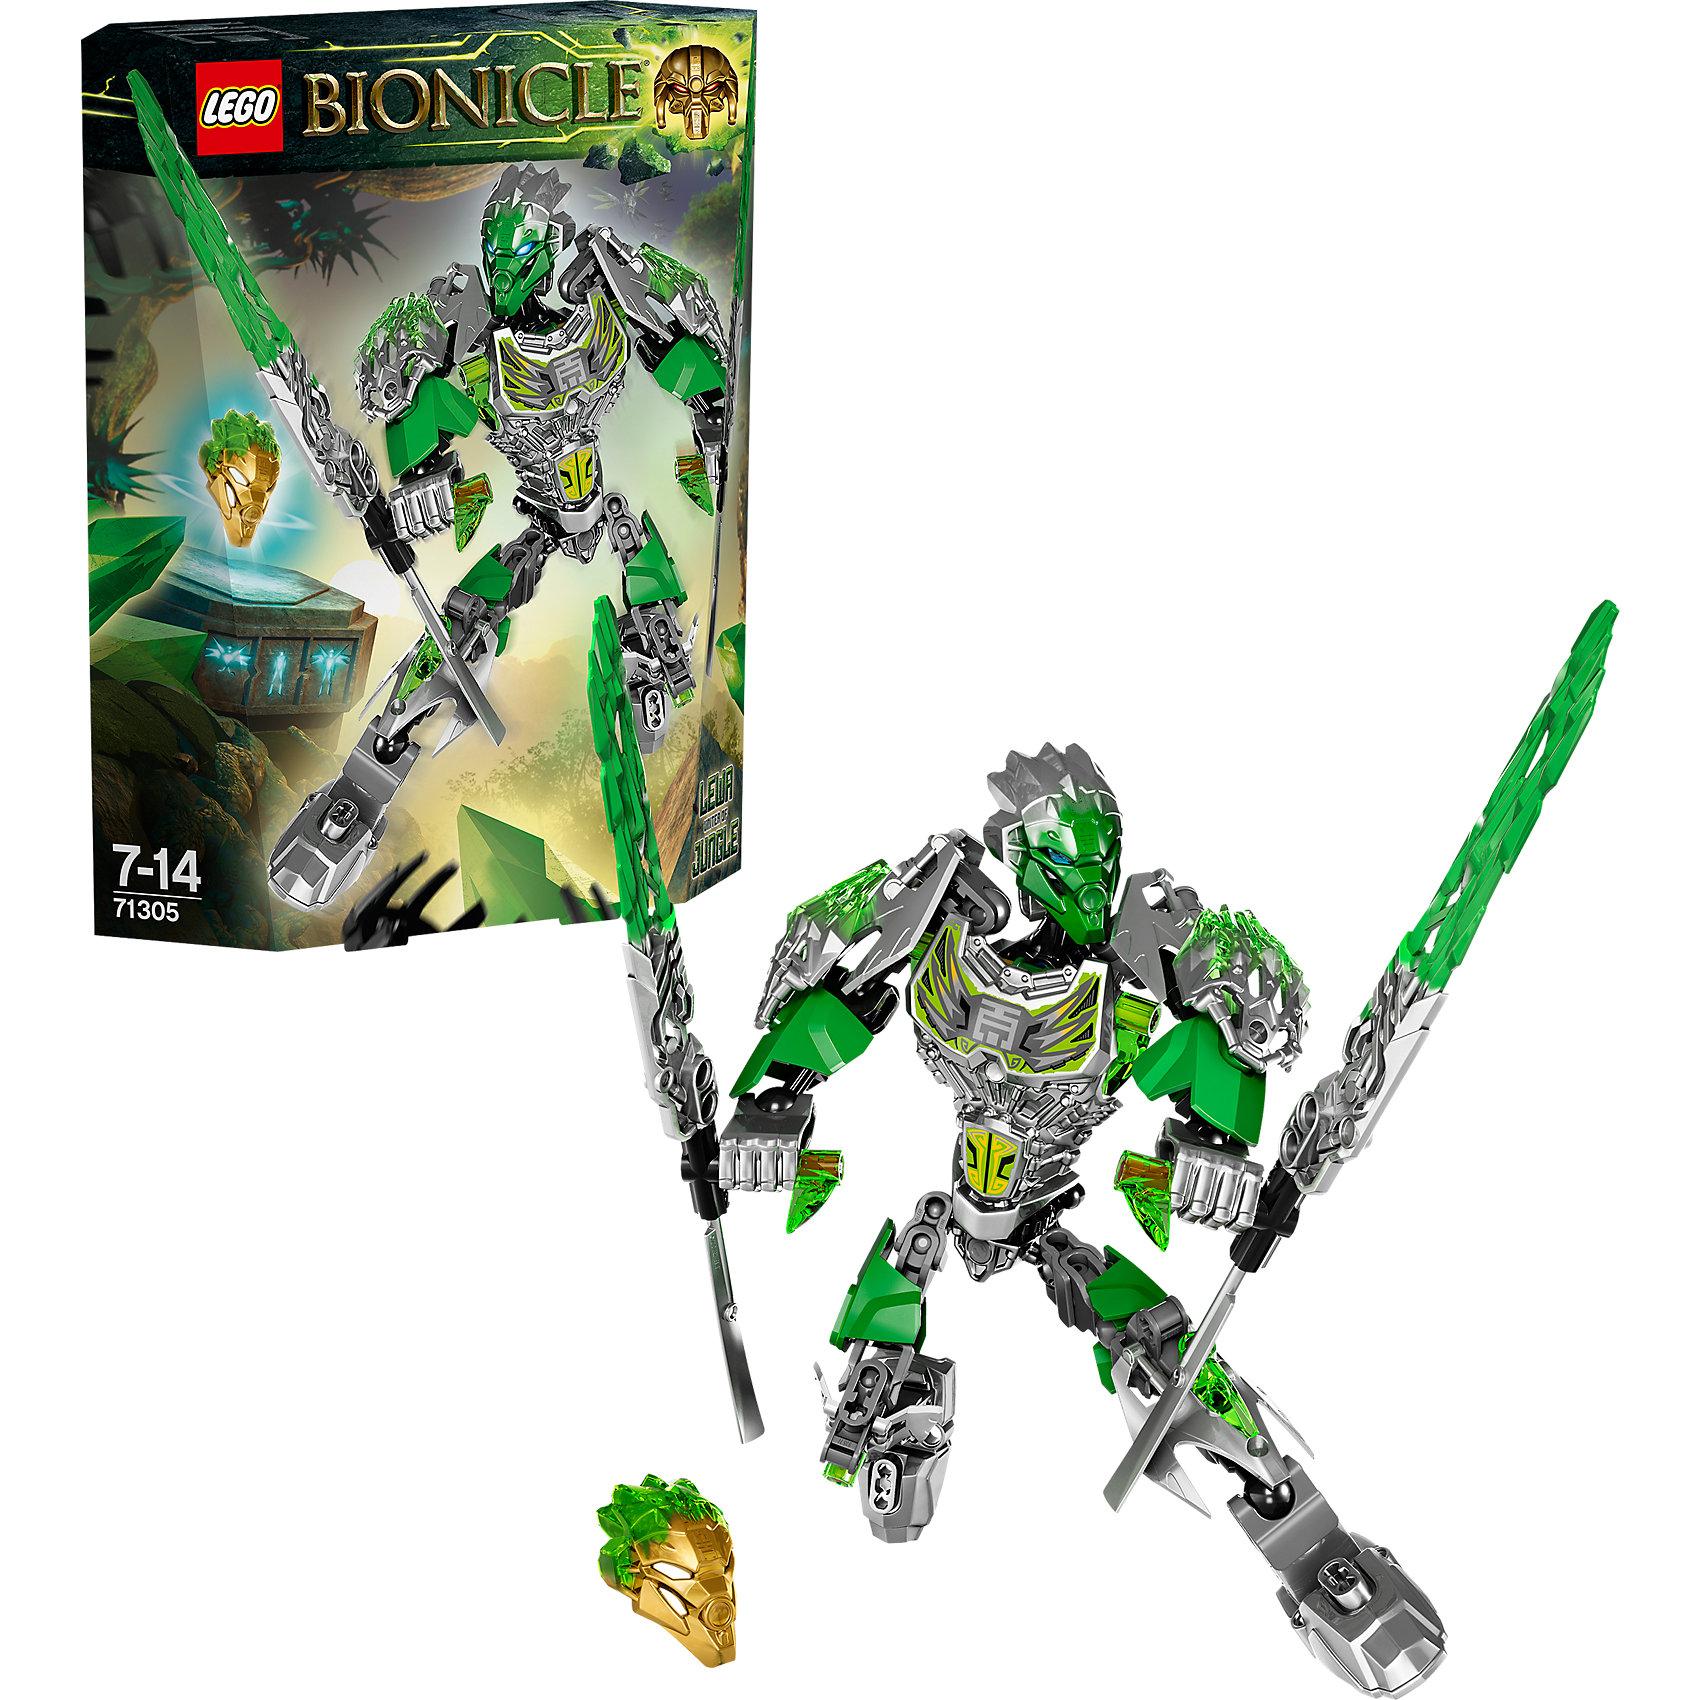 LEGO LEGO BIONICLE 71305: Лева - Объединитель Джунглей bionicle максилос и спинакс